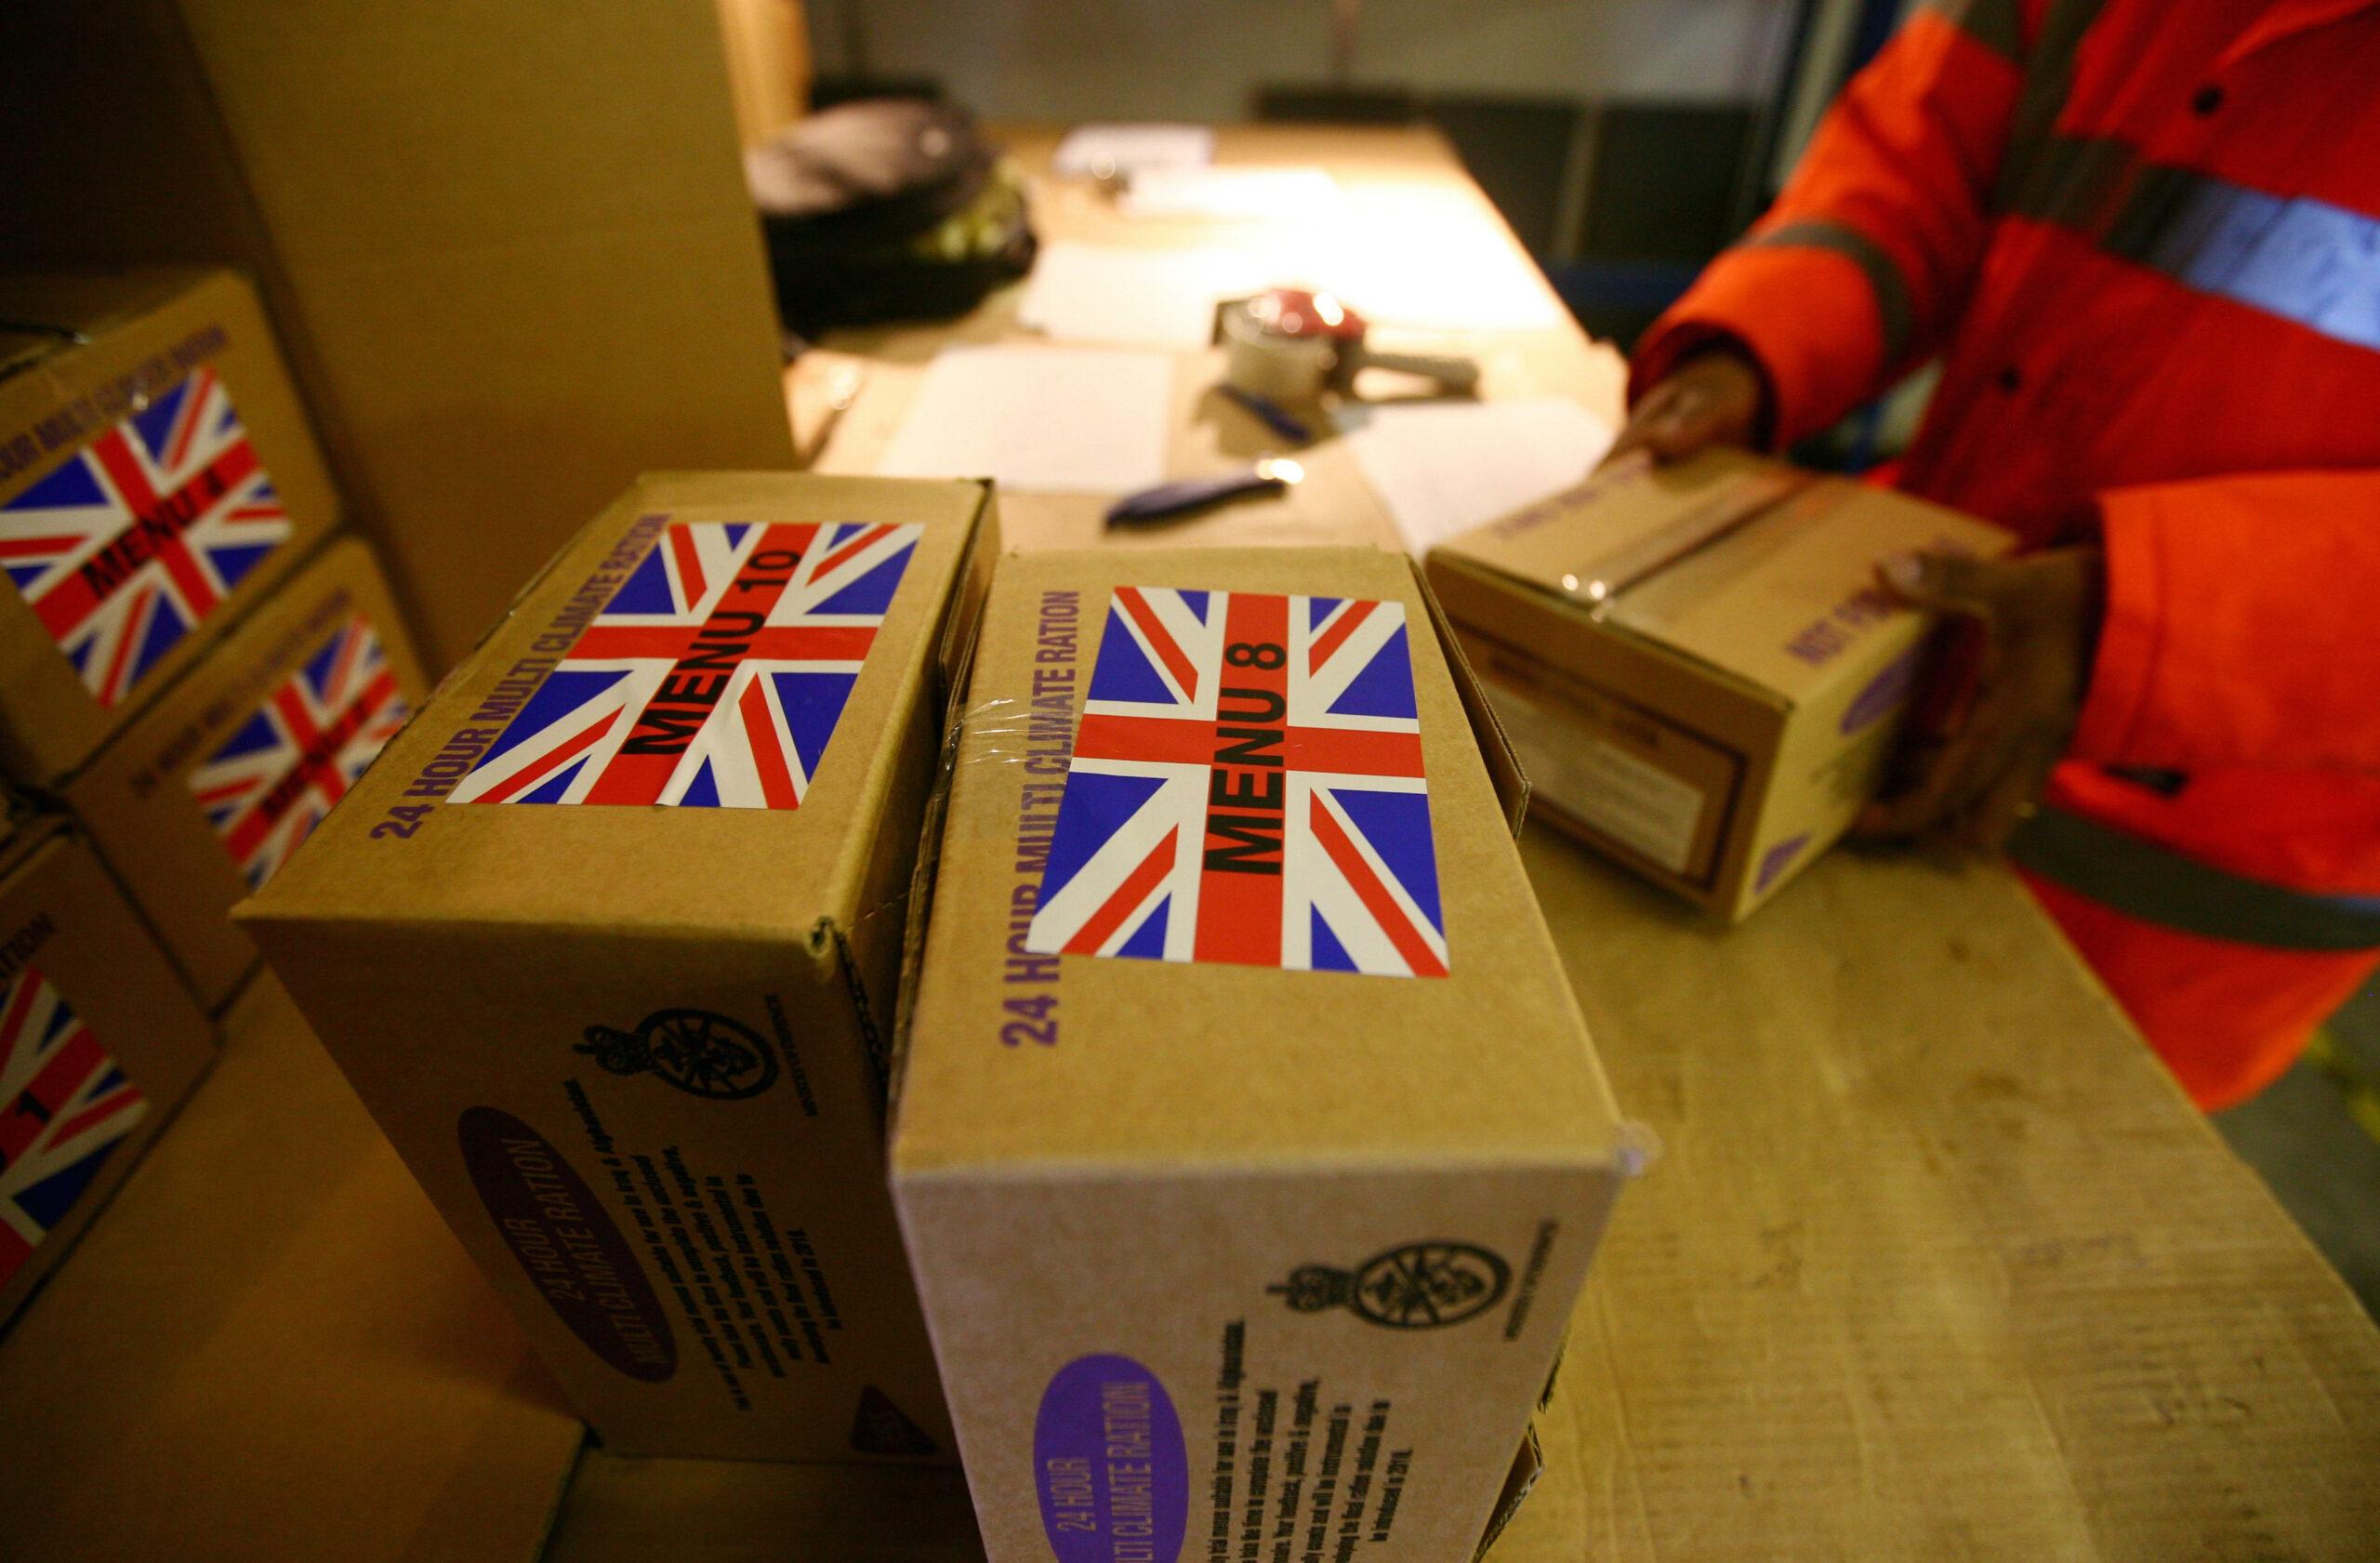 British army food